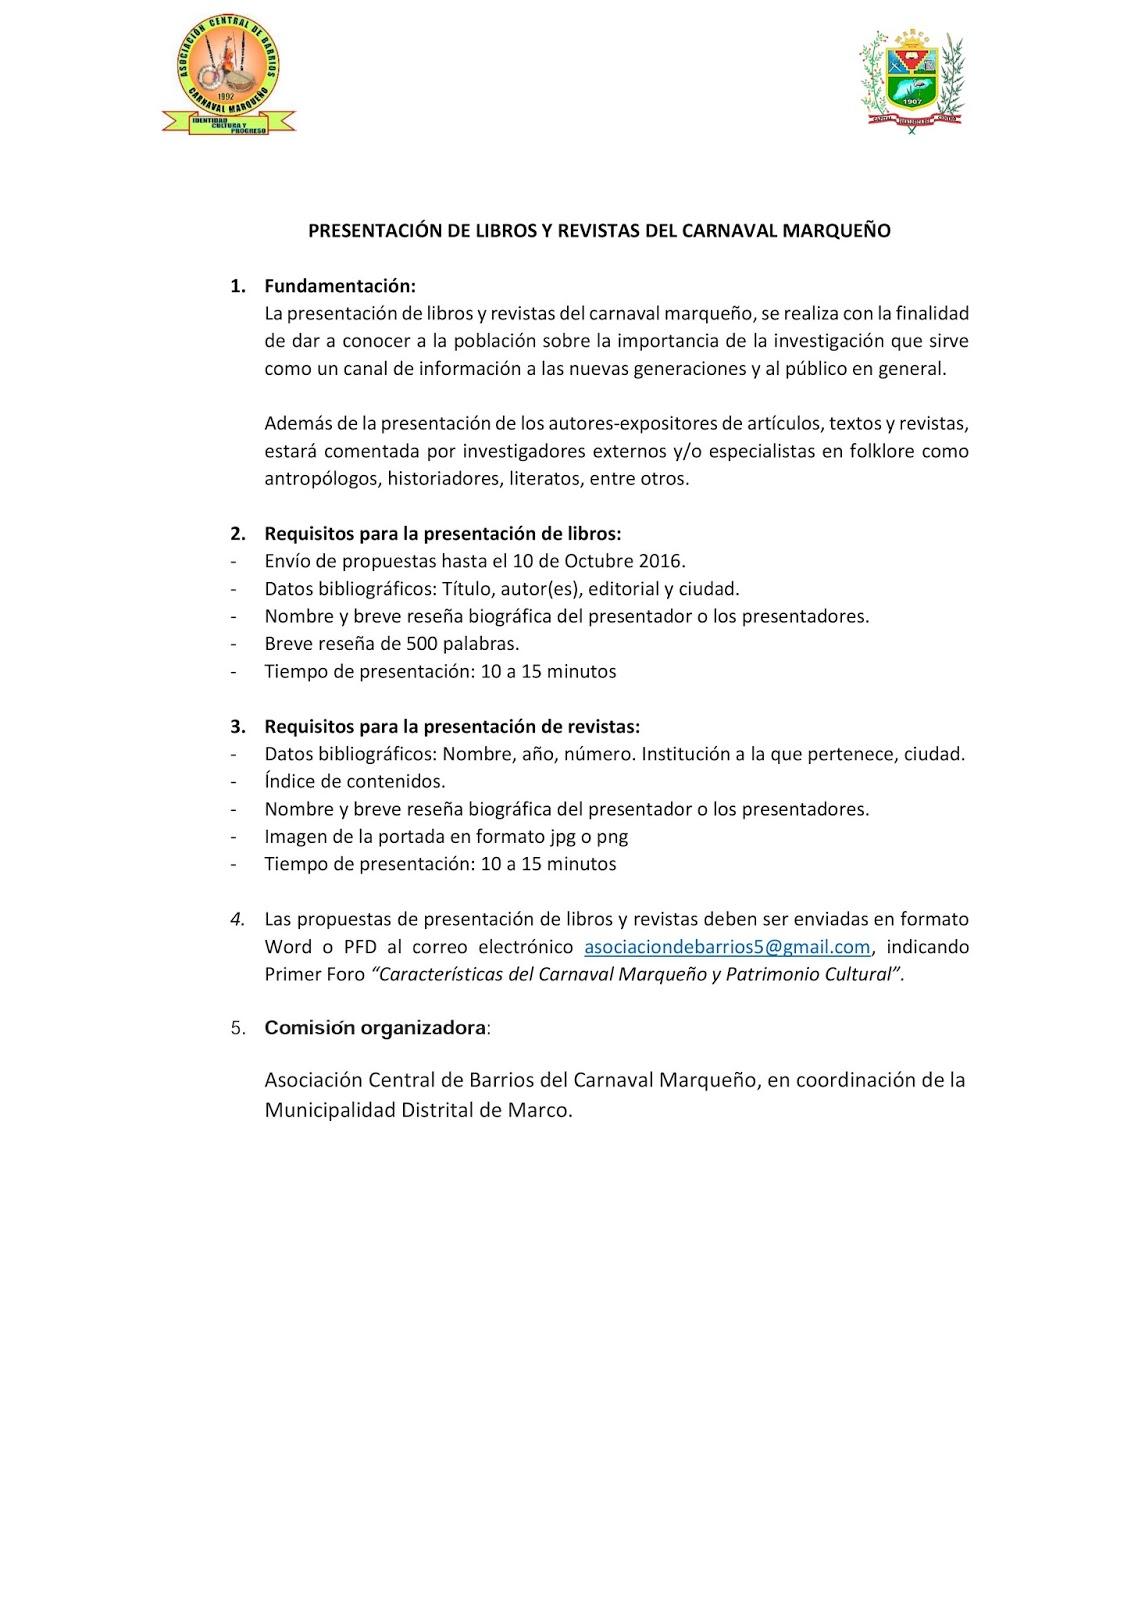 Carnaval Marqueño: PRESENTACIÓN DE LIBROS Y REVISTAS